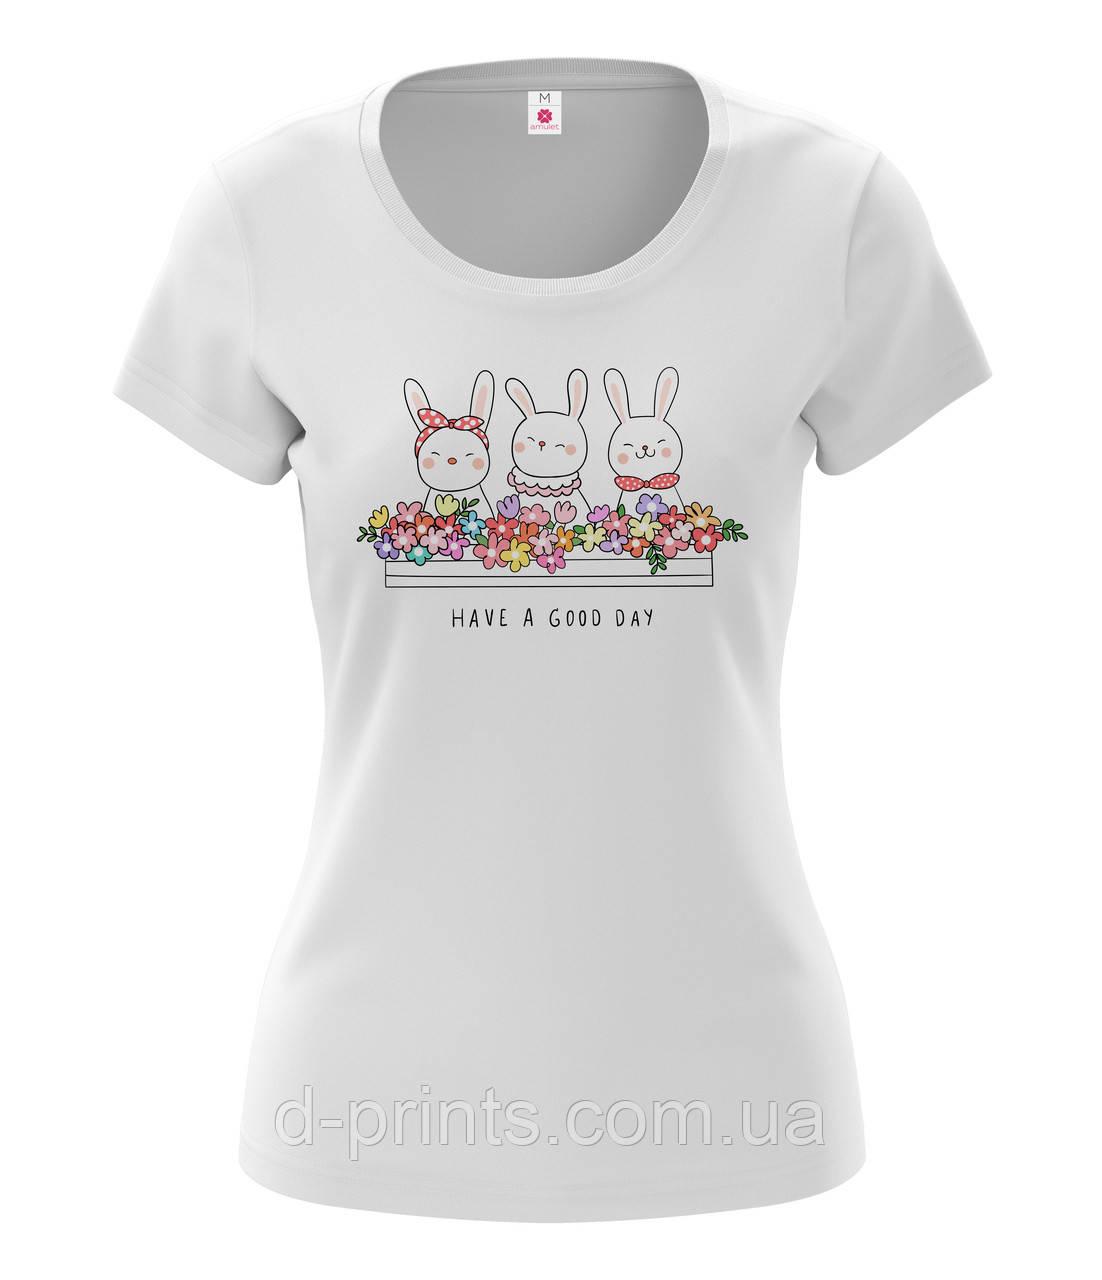 """Футболка жіноча з малюнком """"Зайці в квітах """""""